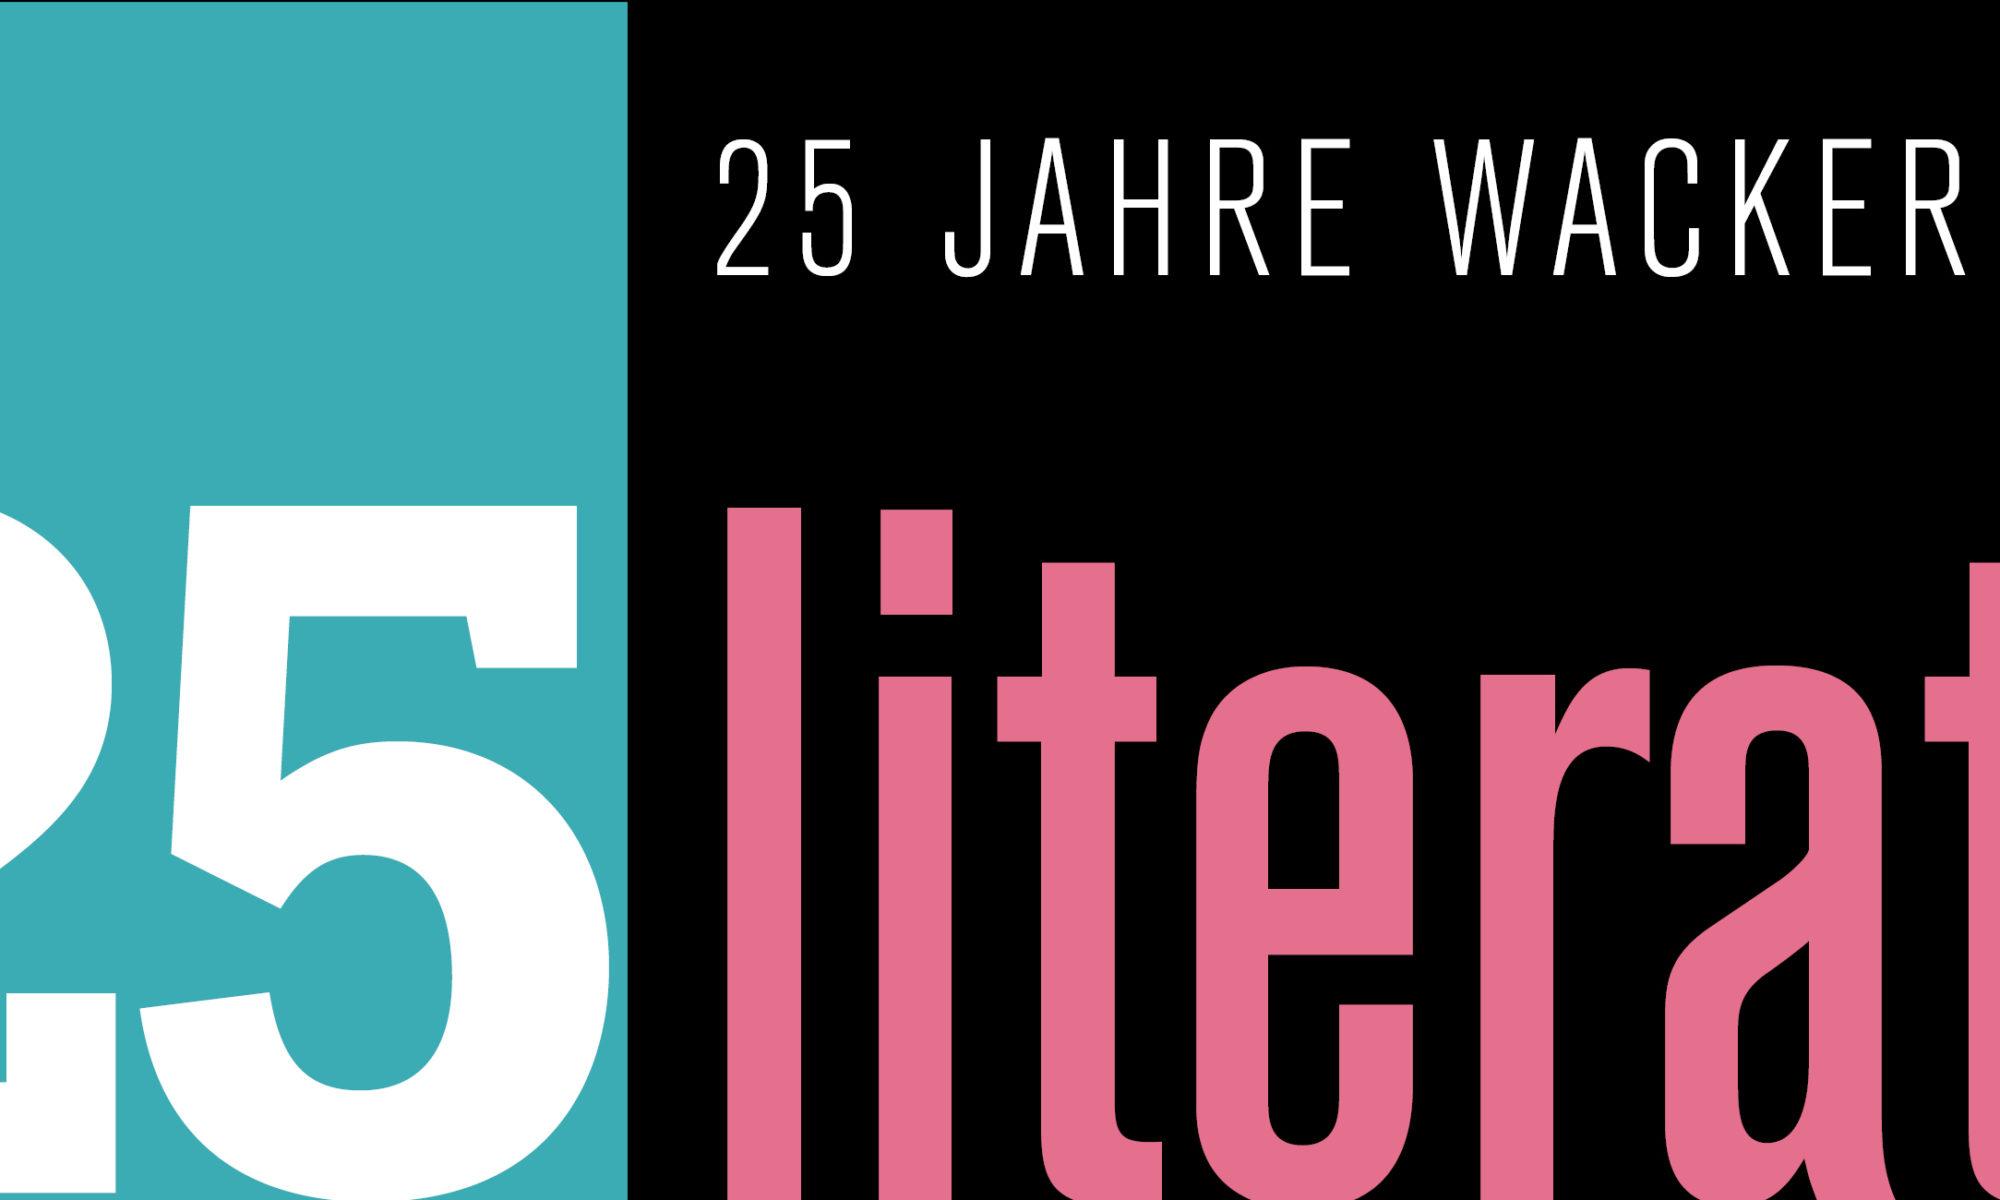 25 Jahre Wacker - Literatur